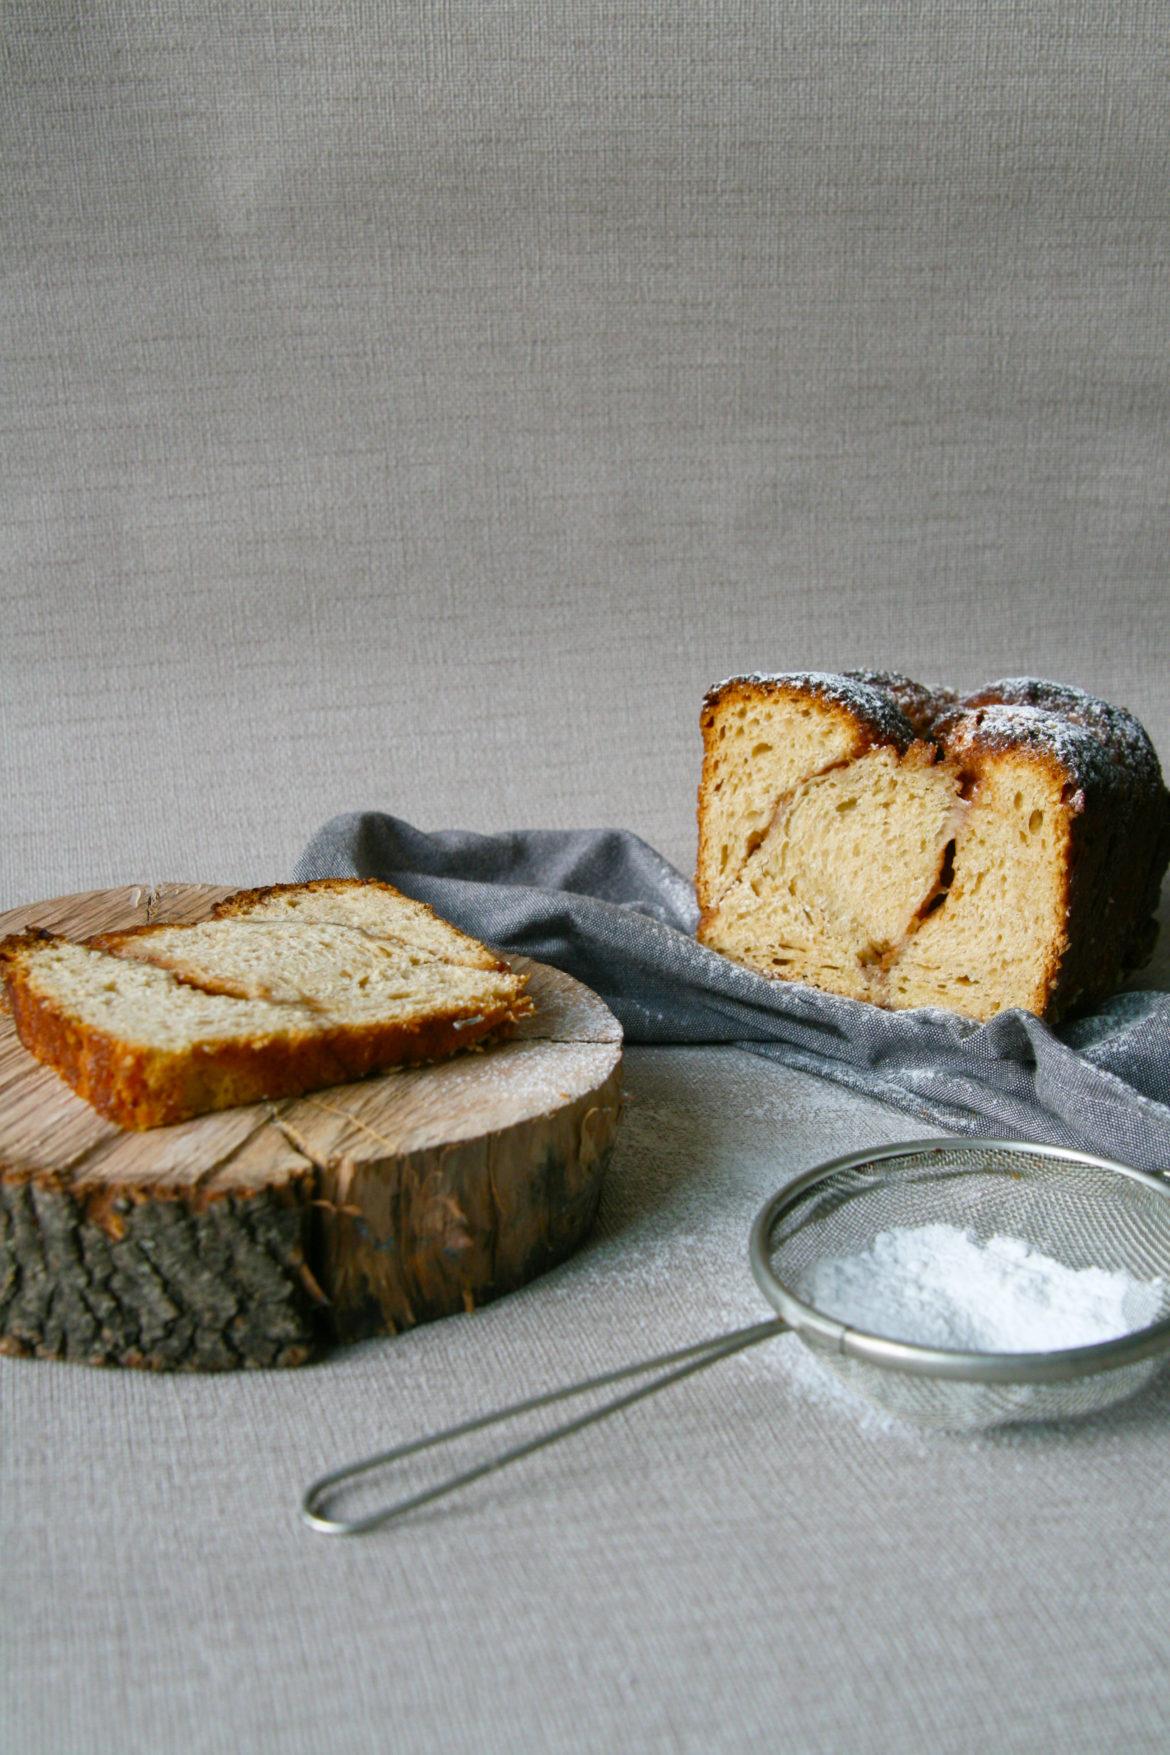 skoricovy chlieb1